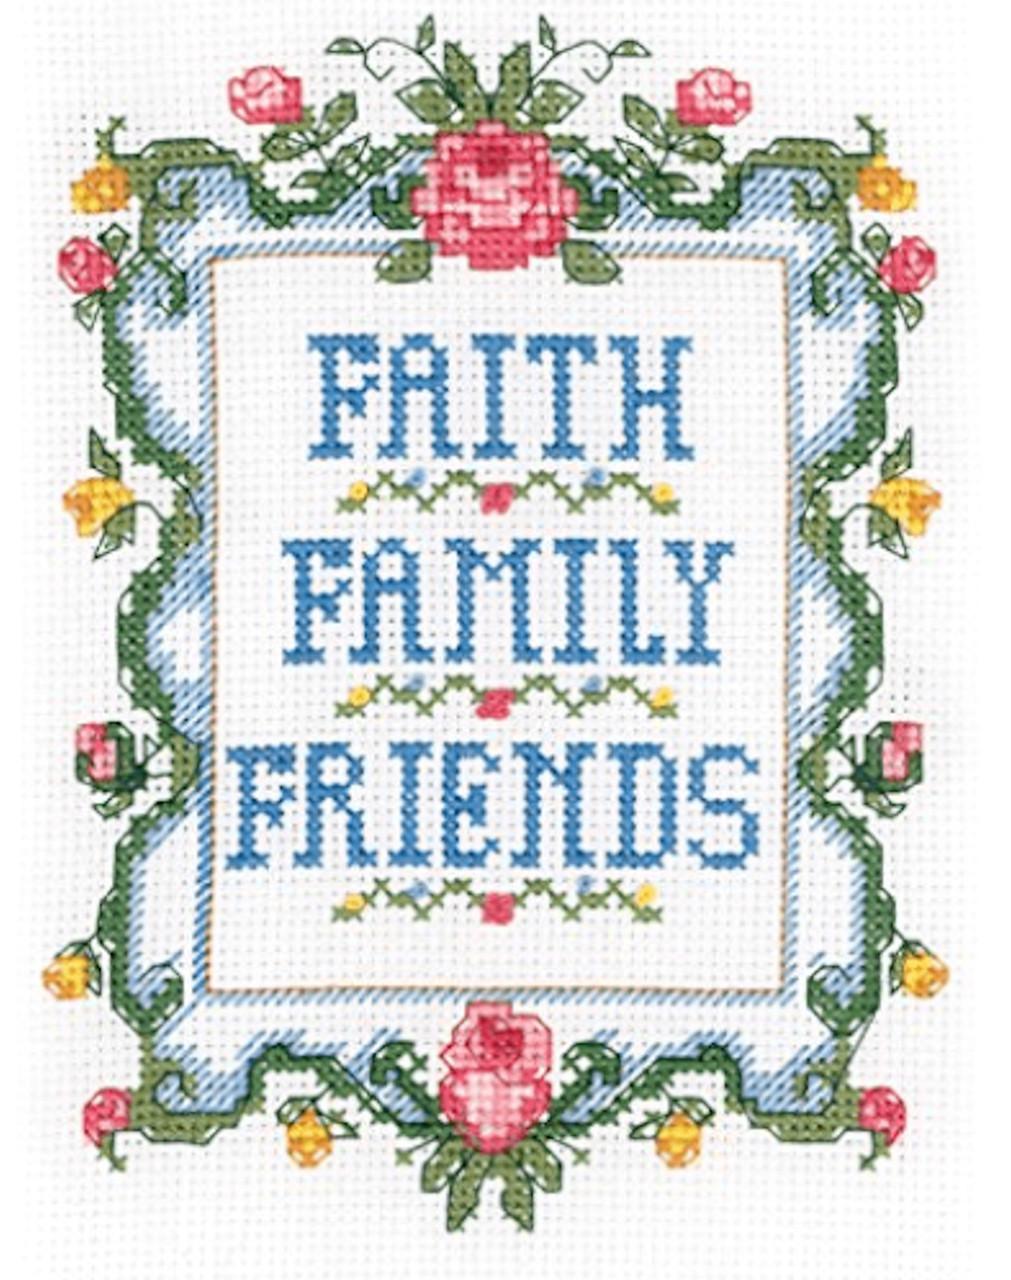 Candamar - Faith, Family and Friends